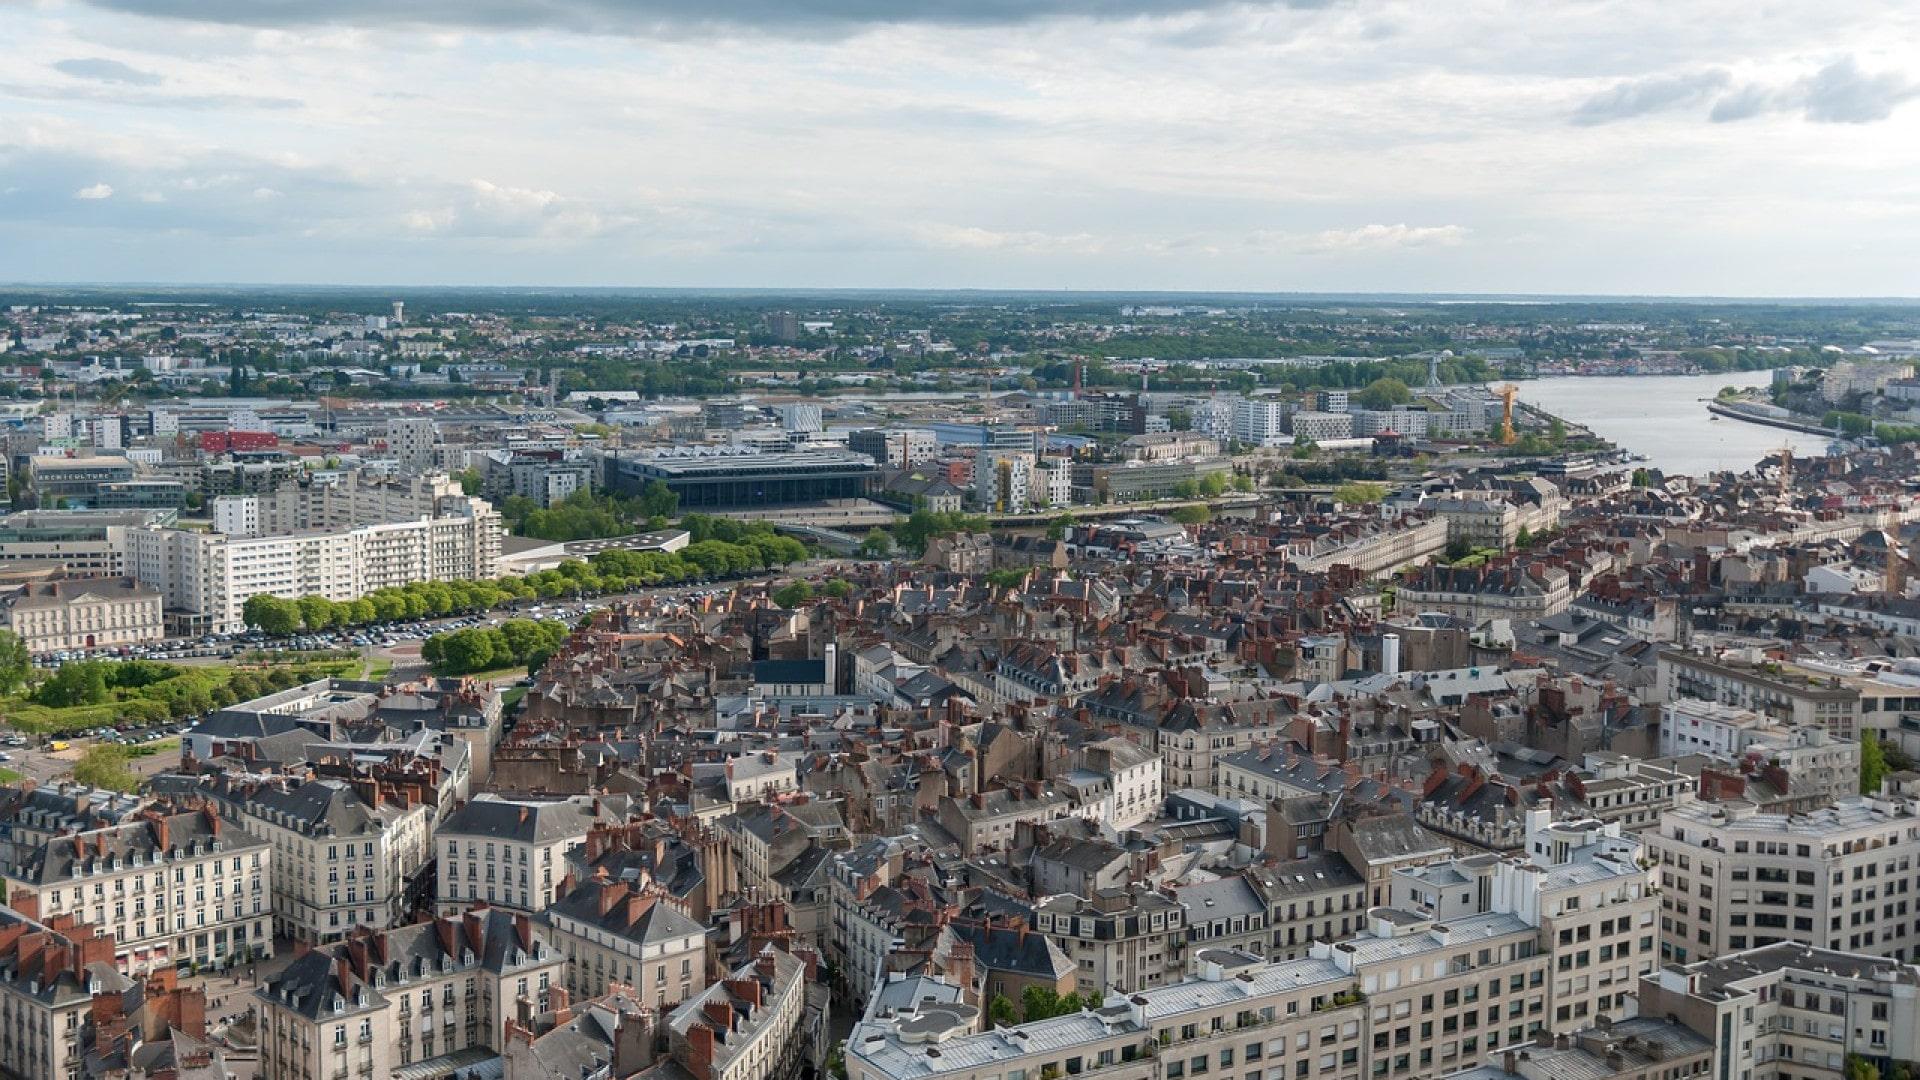 Comment trouver un logement à Nantes ?